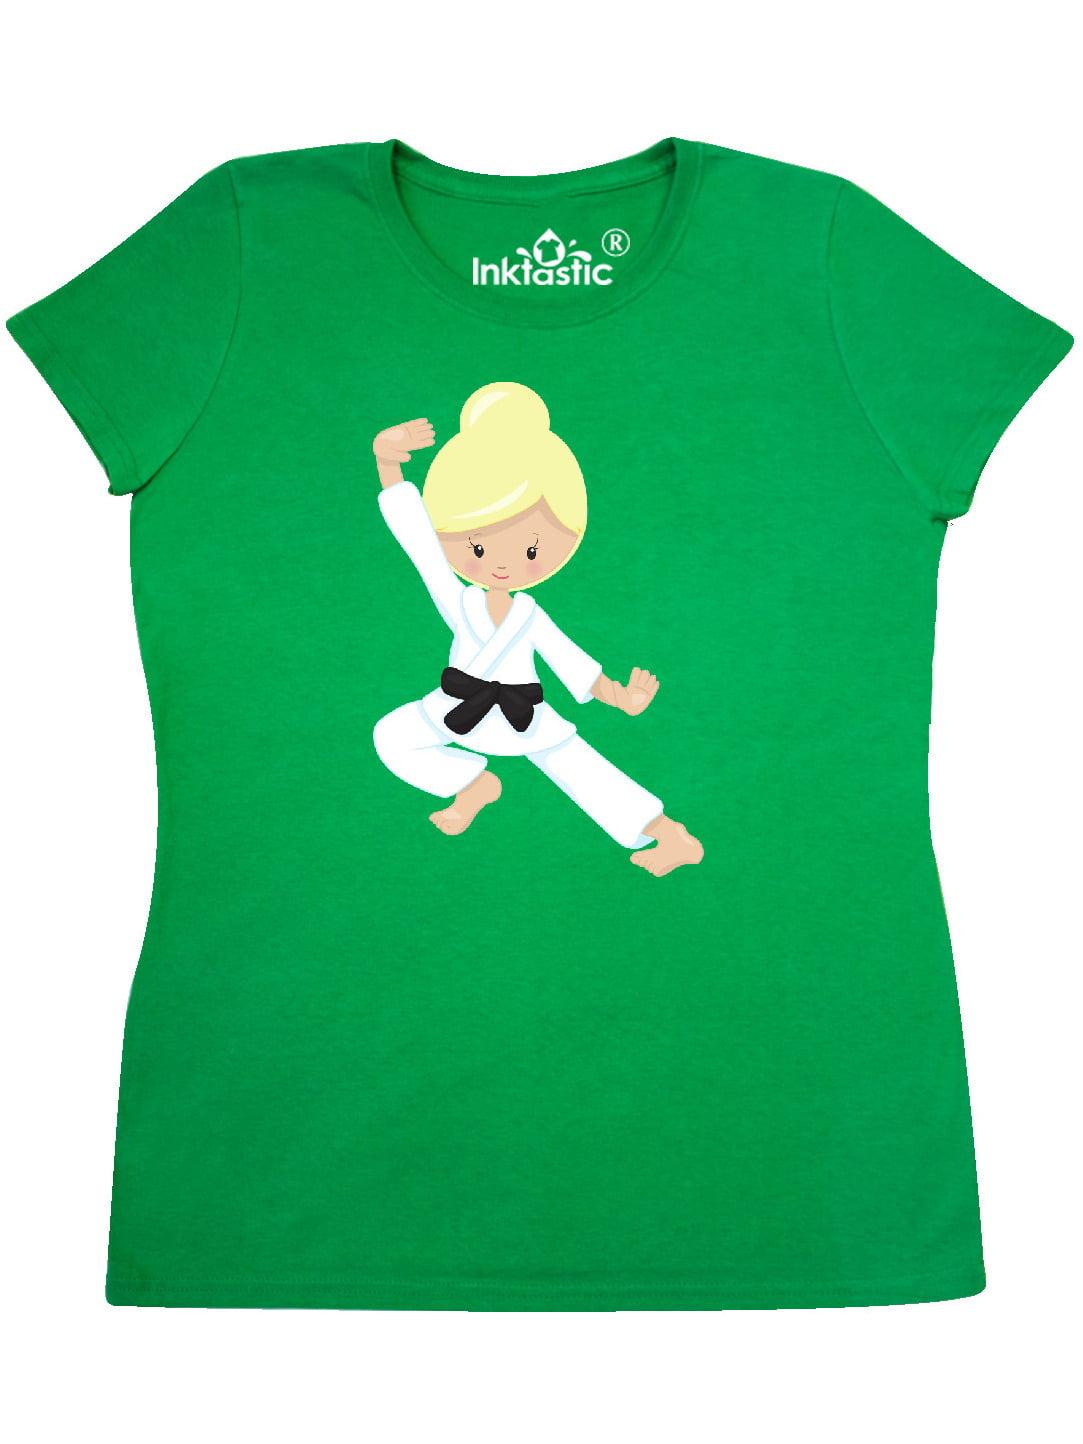 Black Belt Orange Hair inktastic Cute Girl Karate Pose Toddler T-Shirt